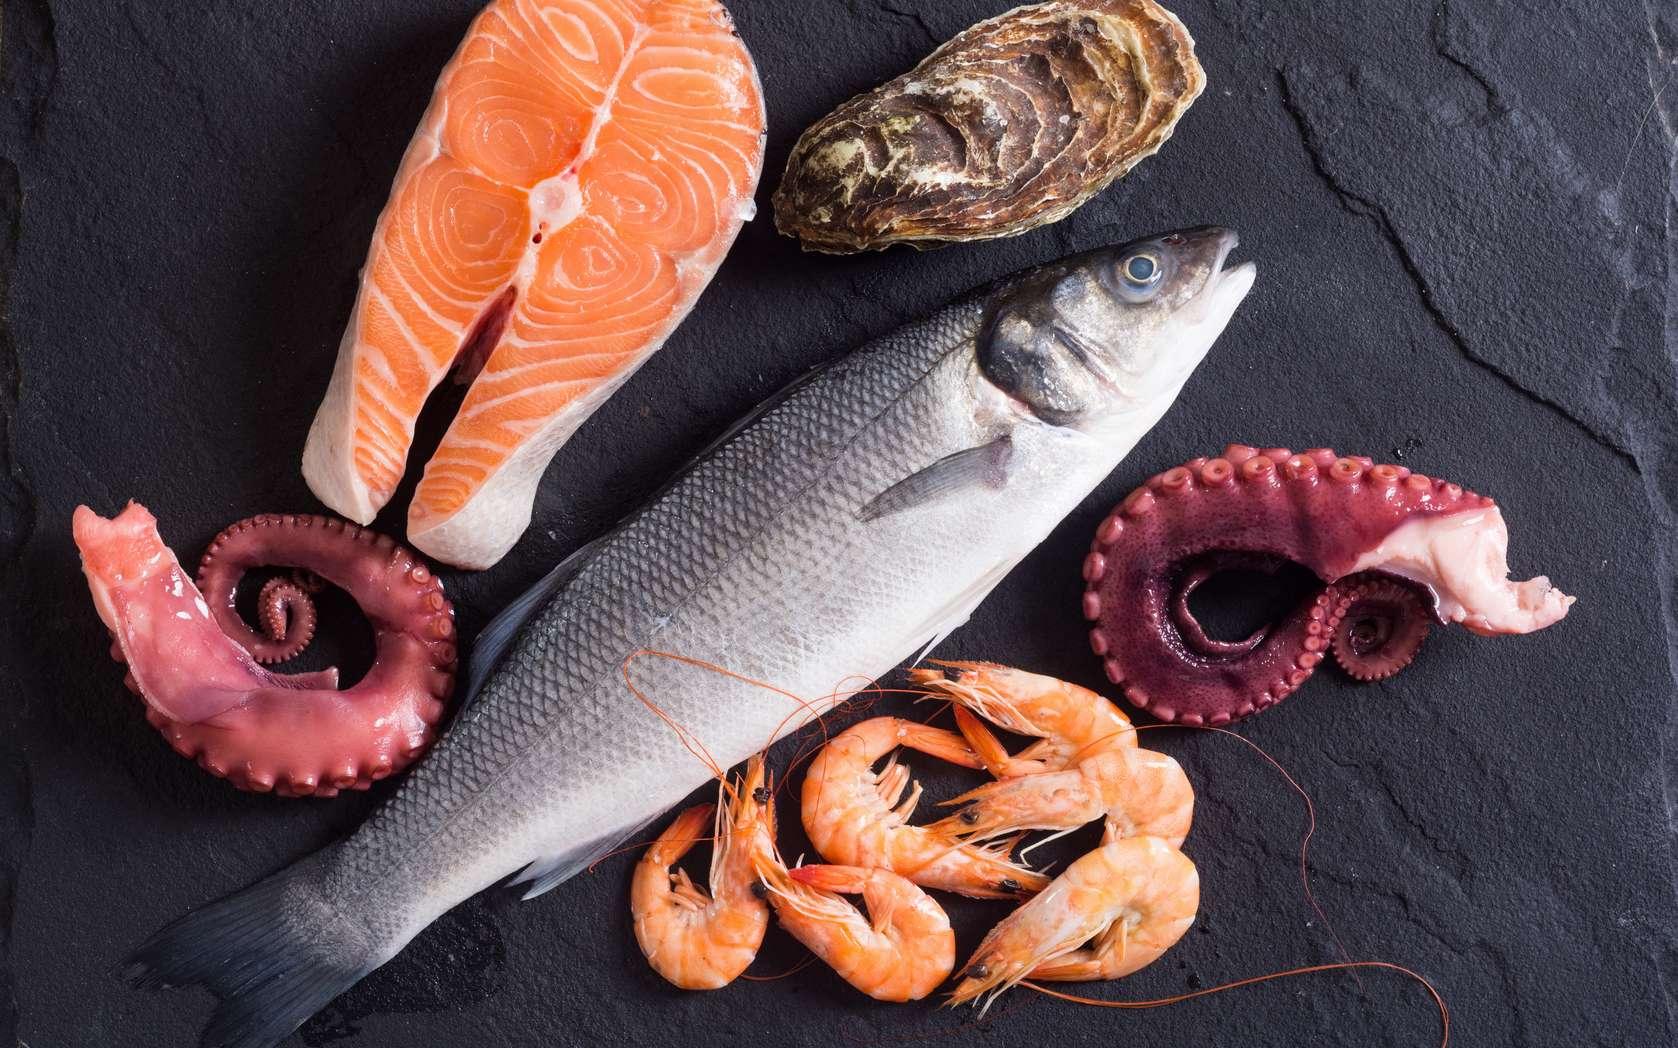 Manger du poisson est bénéfique pour la santé. Sa consommation à raison de trois fois par semaine, réduirait les risques de cancer colorectal. © whitestorm Fotolia